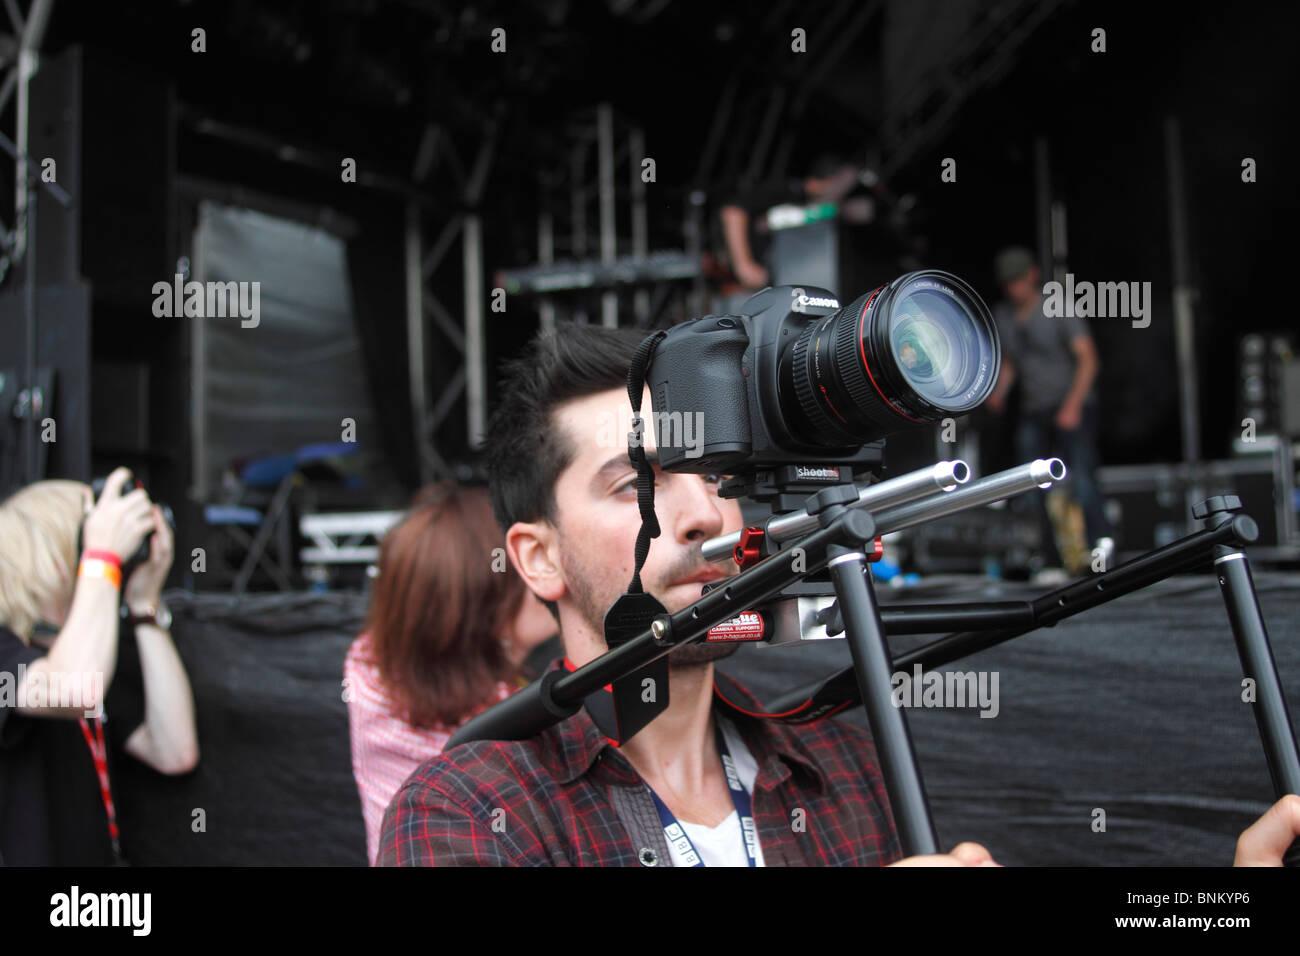 Shooting Camera Canon 5d Stock Photos & Shooting Camera Canon 5d